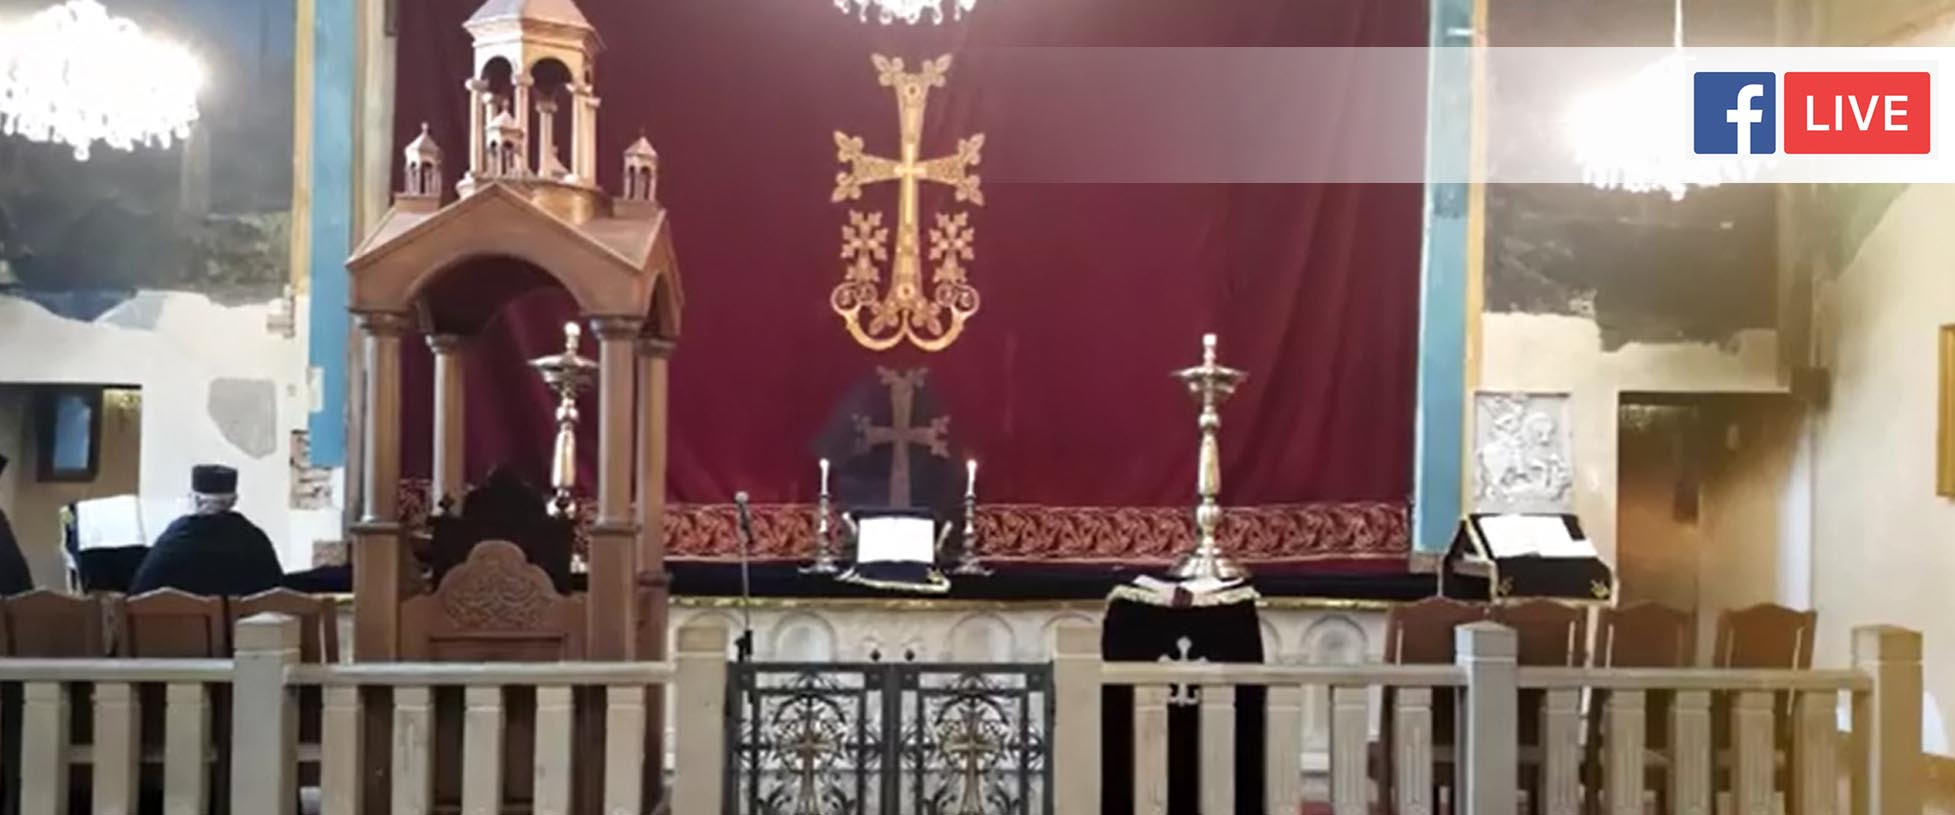 Սուրբ և անմահ պատարագ Թբիլիսիի Սբ.Գևորգ եկեղեցում Գալստյան կիրակի